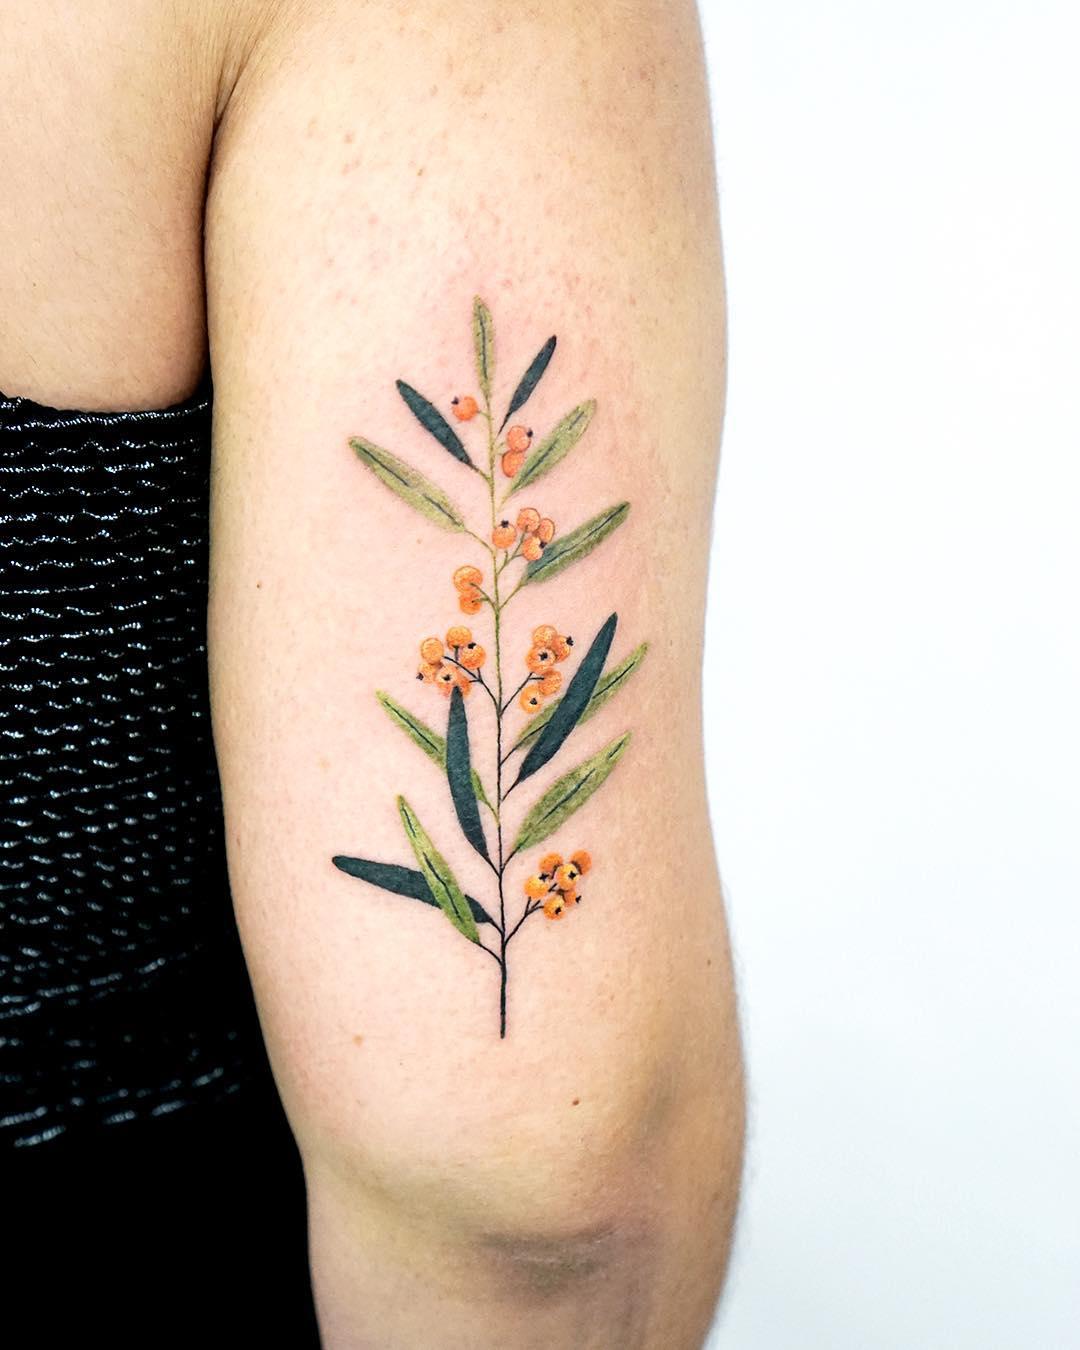 Hippophae tattoo by tattooist picsola